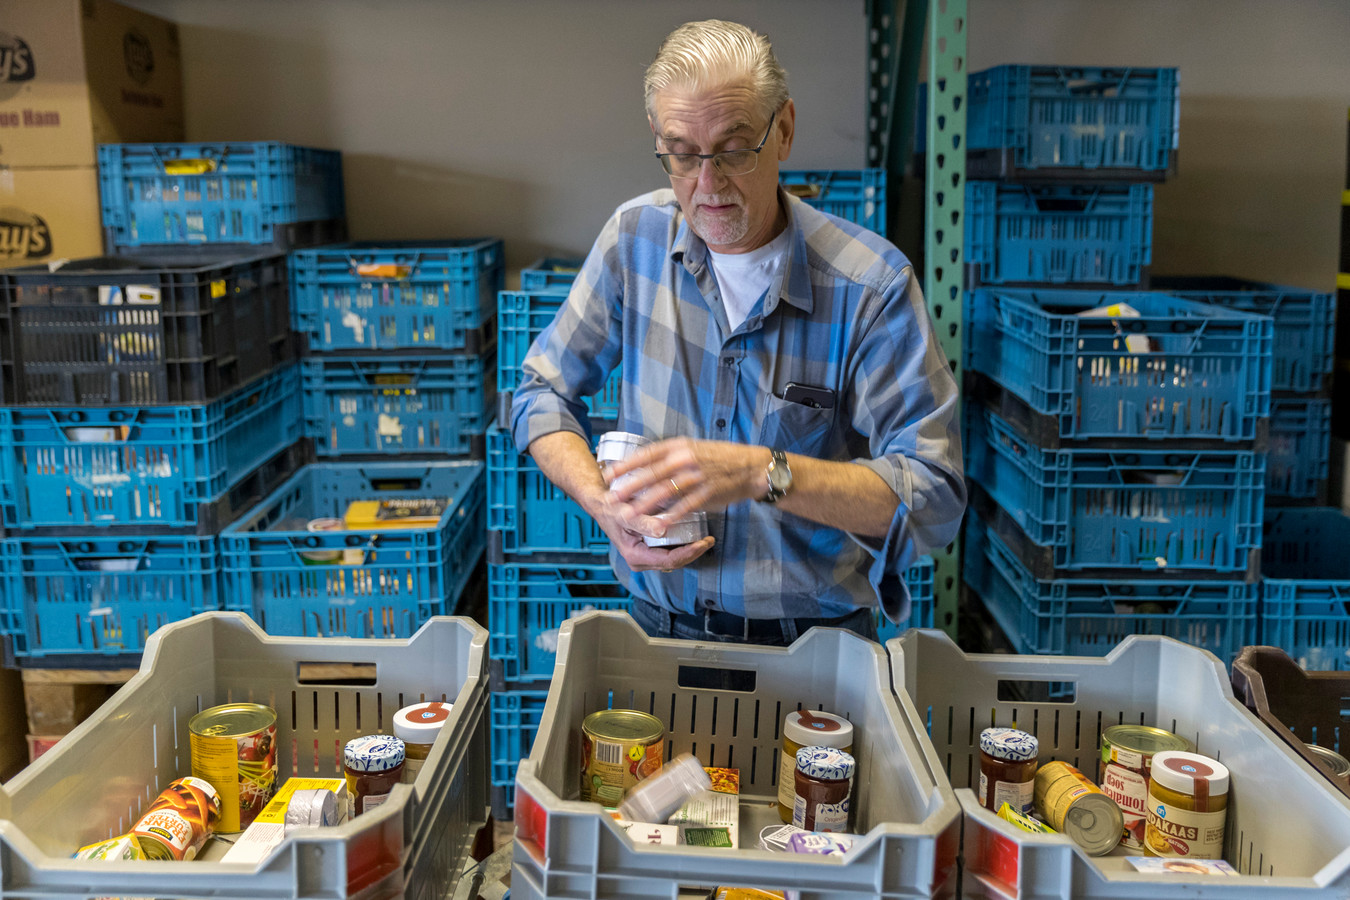 Van de voedselbank in Den Bosch maakten eind vorig jaar ruim 400 mensen gebruik.